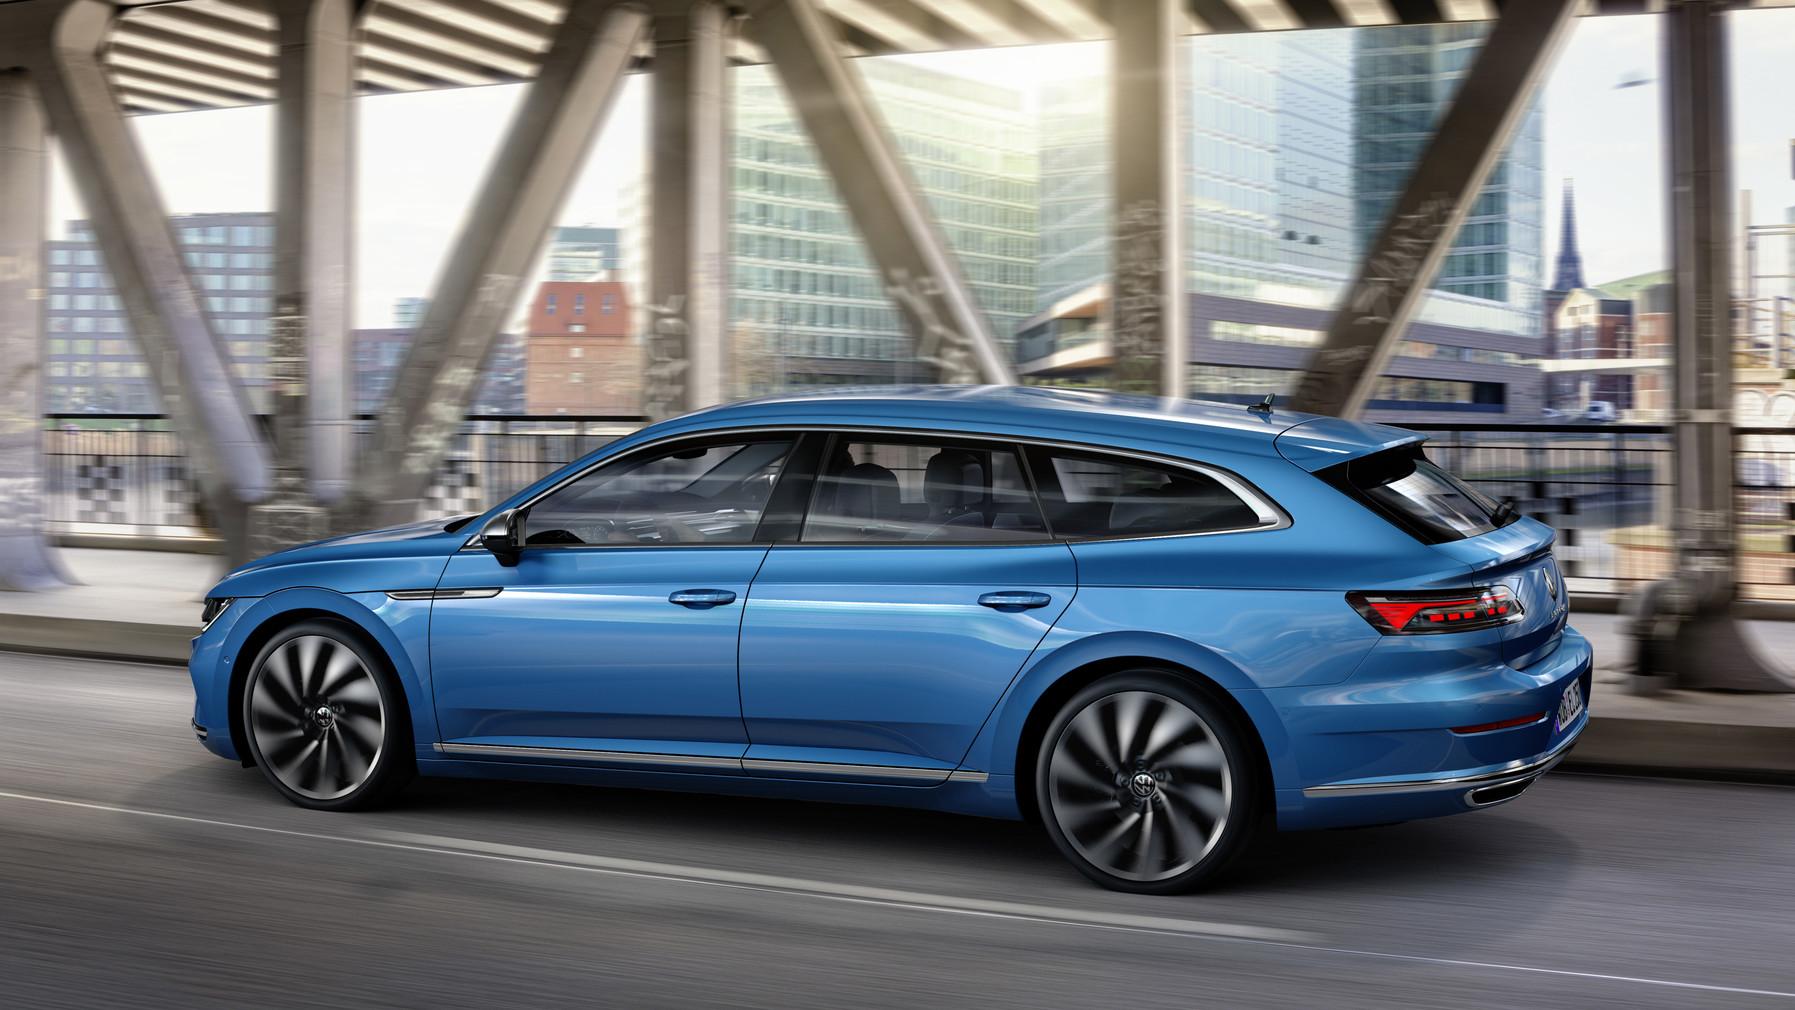 Volkswagen arteon shooting brake jyväskylä linja